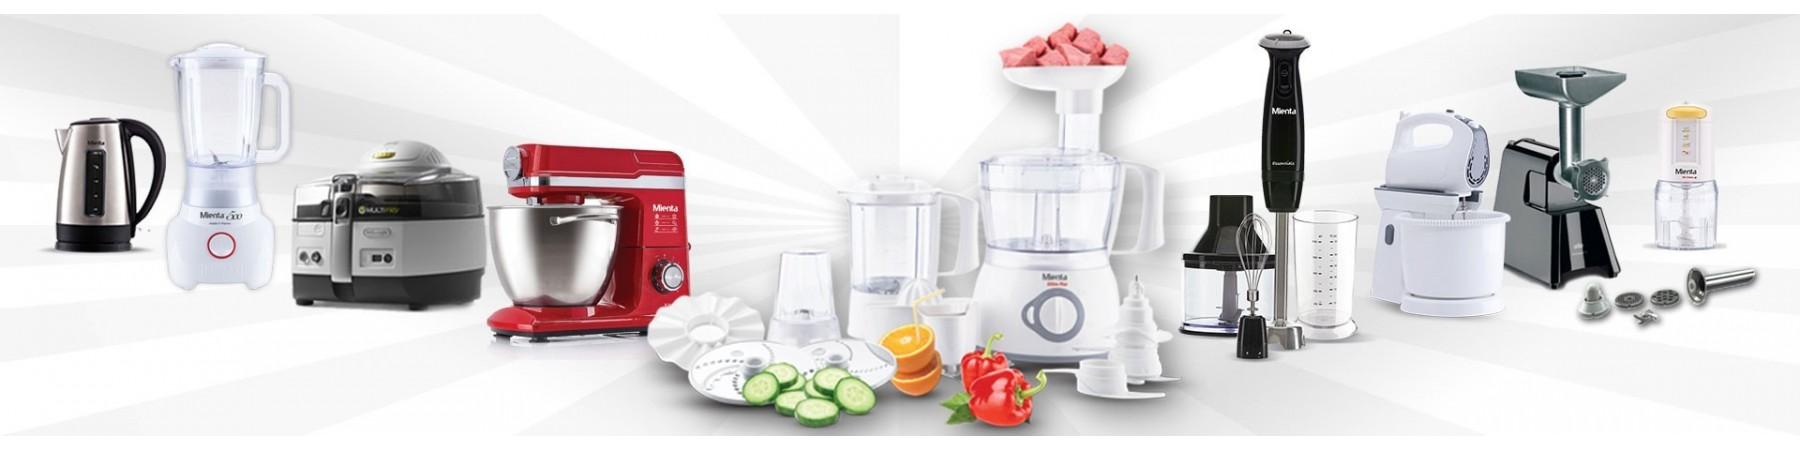 Máy xay, máy ép,sinh tố, hoa quả. Dùng phòng bếp,nấu ăn,chăm sóc em bé